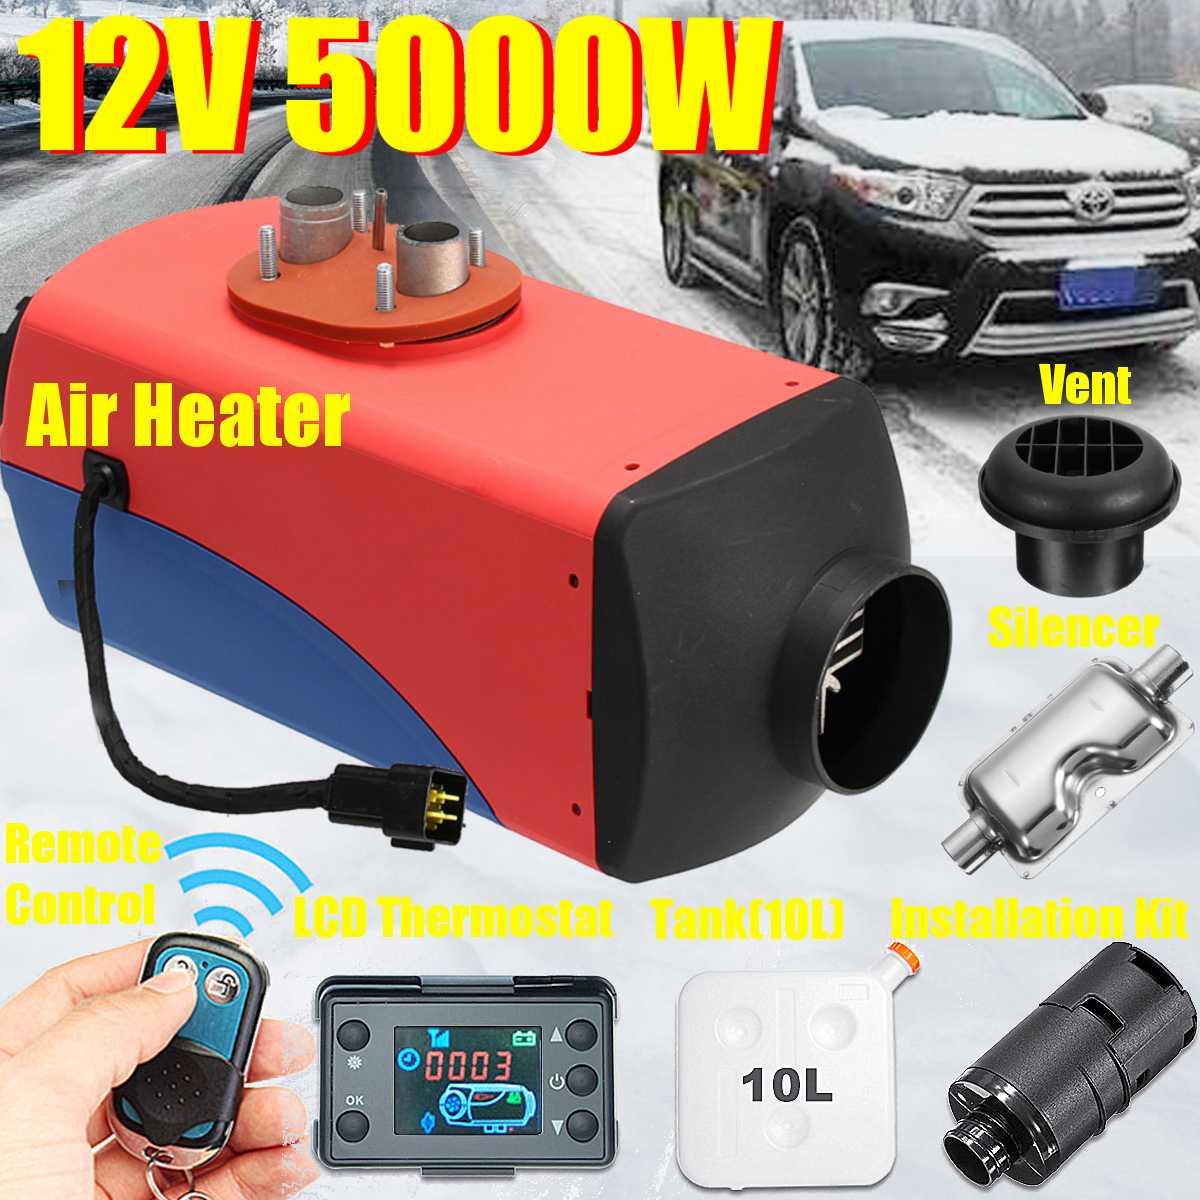 Radiateur de voiture 5KW 12 V Air D iesel Carburant Chauffe-chauffage de stationnement Avec télécommande écran lcd Kit pour la voiture Bus Camions Van Ramassage Bateau